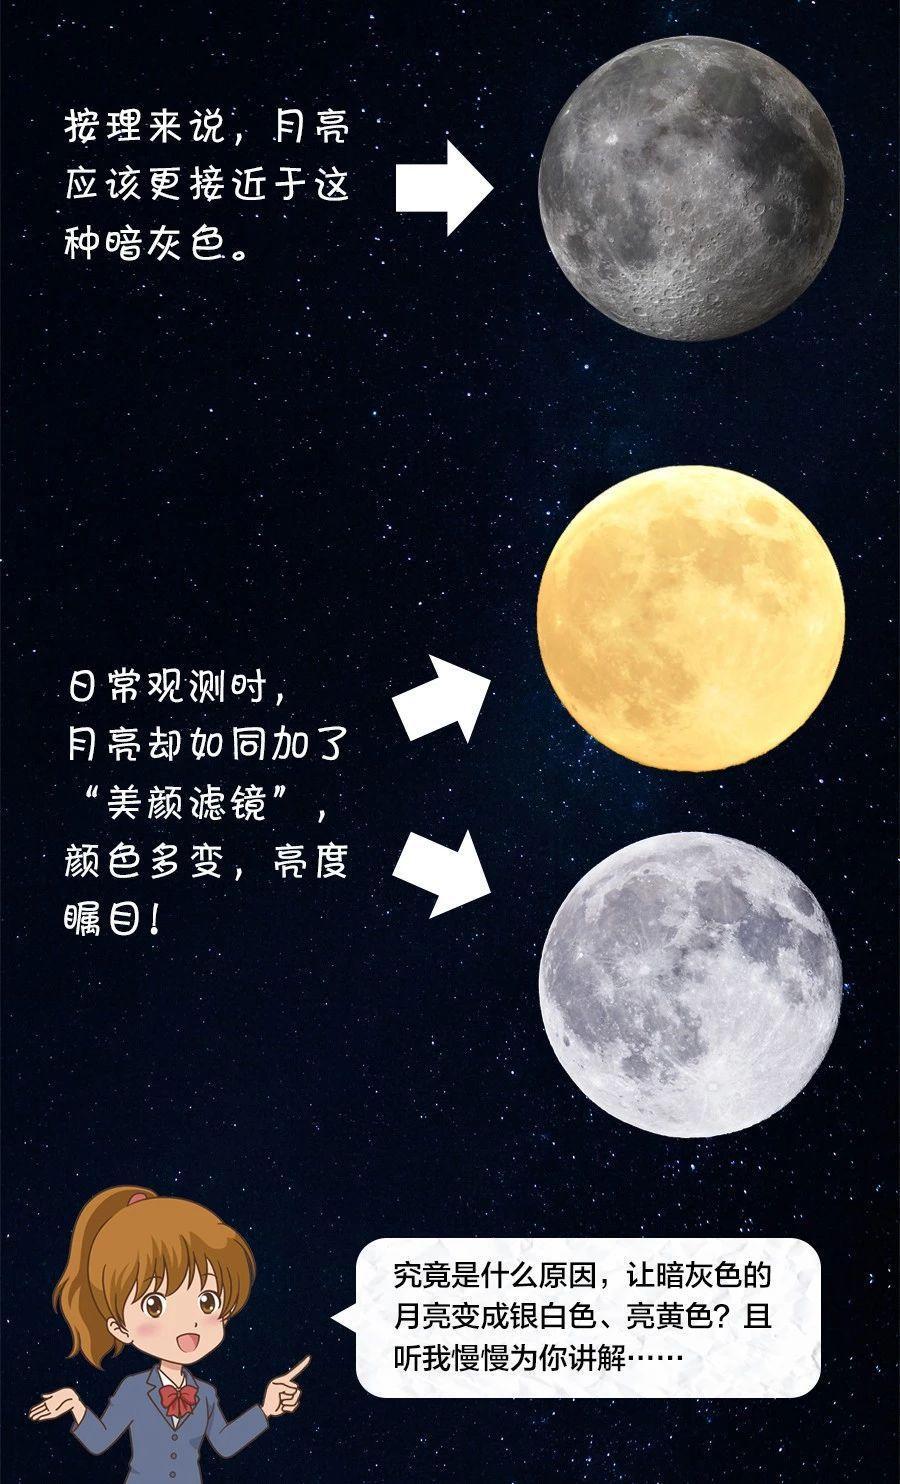 月亮到底是什么颜色的?这是一个科学问题……